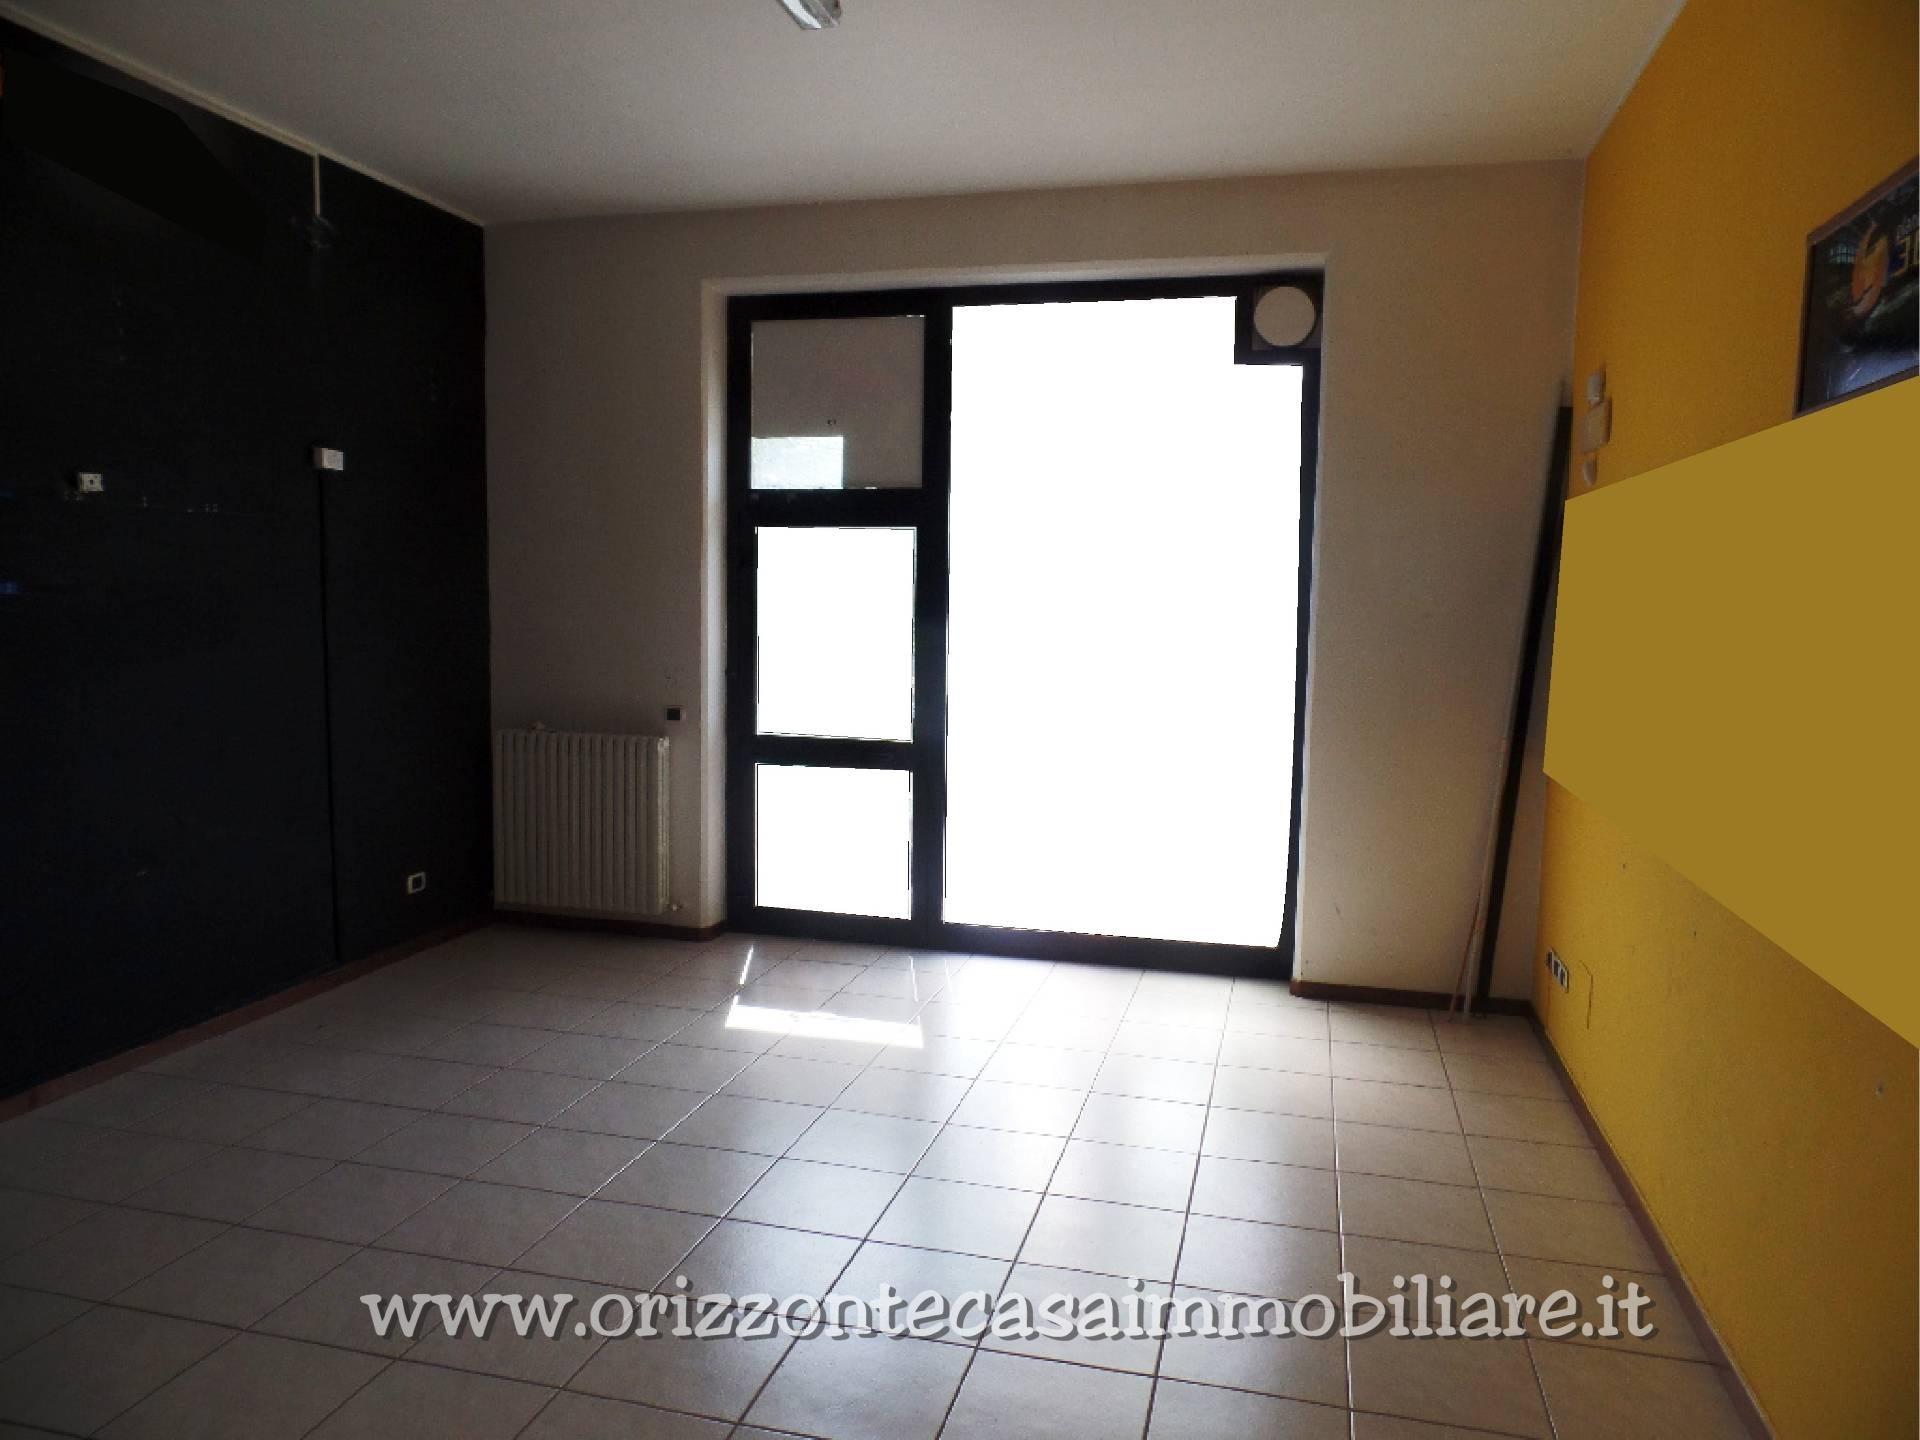 Negozio / Locale in affitto a Ascoli Piceno, 9999 locali, zona Zona: Monticelli, prezzo € 99.000 | CambioCasa.it